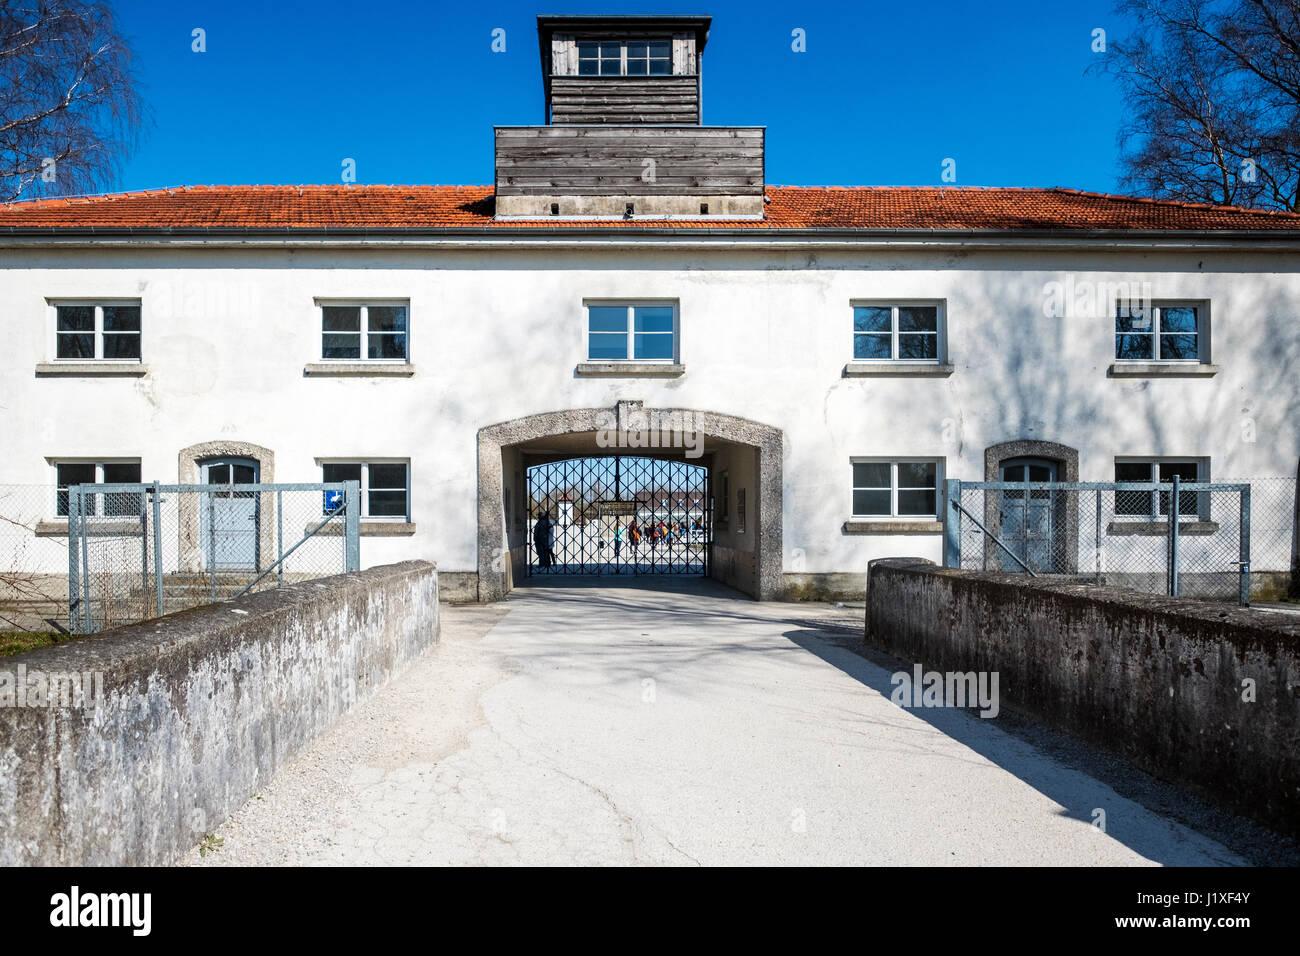 Dachau Concentration Camp Museum Building Stock Photos  Dachau - Concentration camp museums in usa